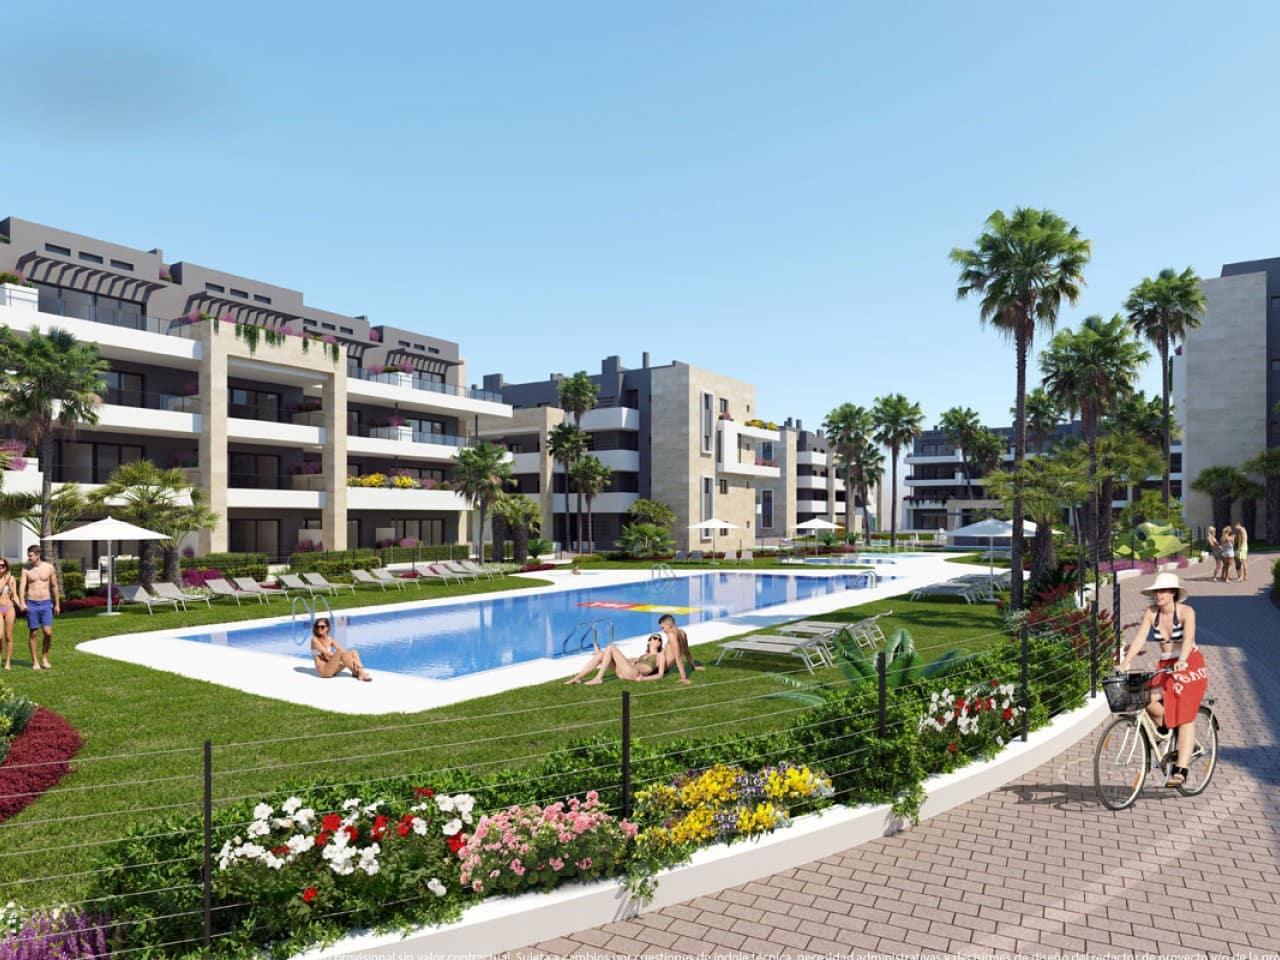 Apartamento de 2 habitaciones en Playa Flamenca en venta con piscina - 215.000 € (Ref: 4982804)